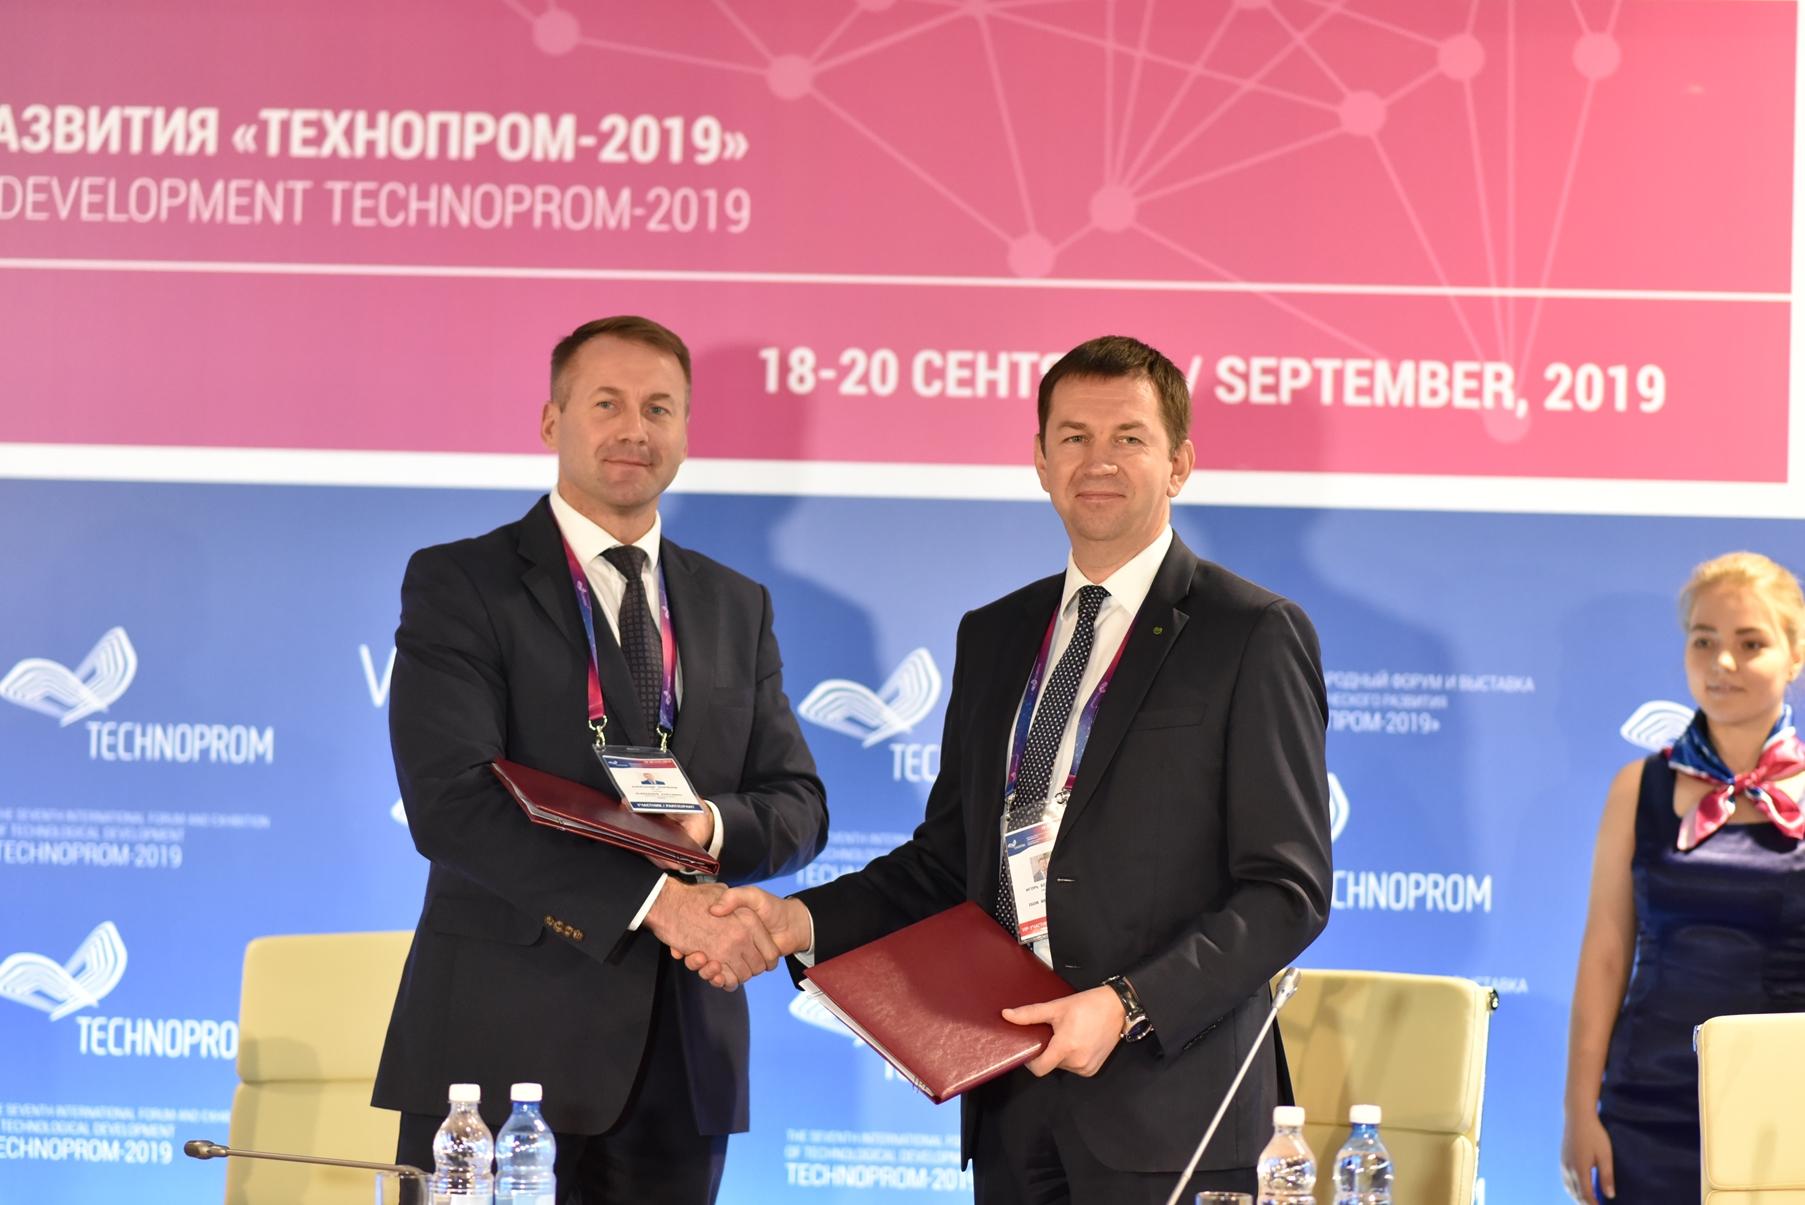 В рамках работы Технопрома- 2019 Сбербанк заключил два новых соглашения о сотрудничестве